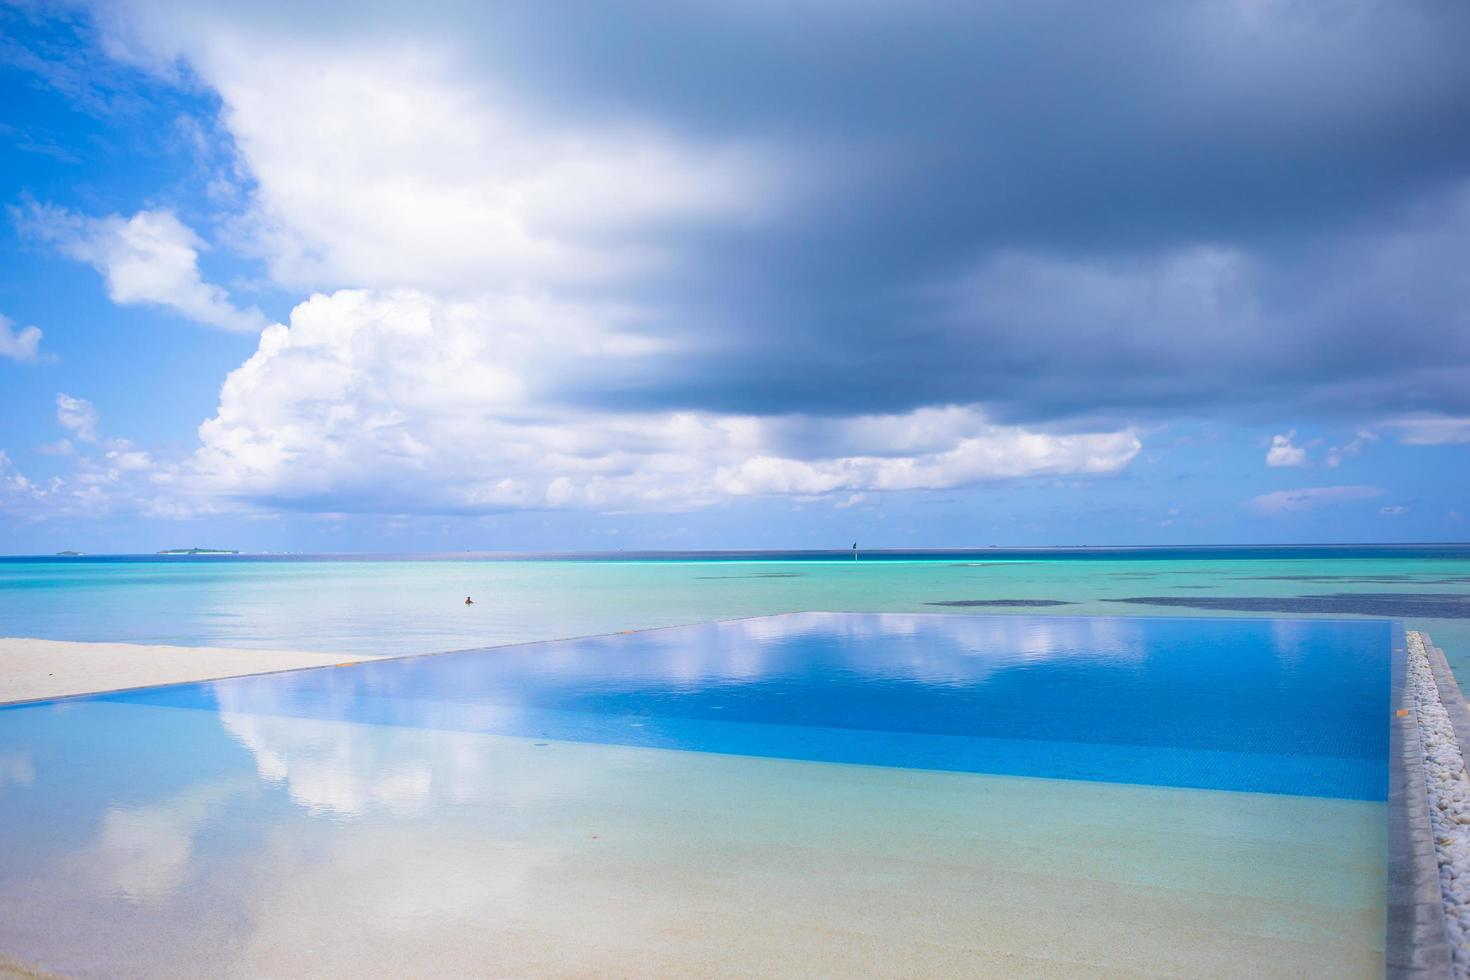 nubes sobre una playa tropical foto